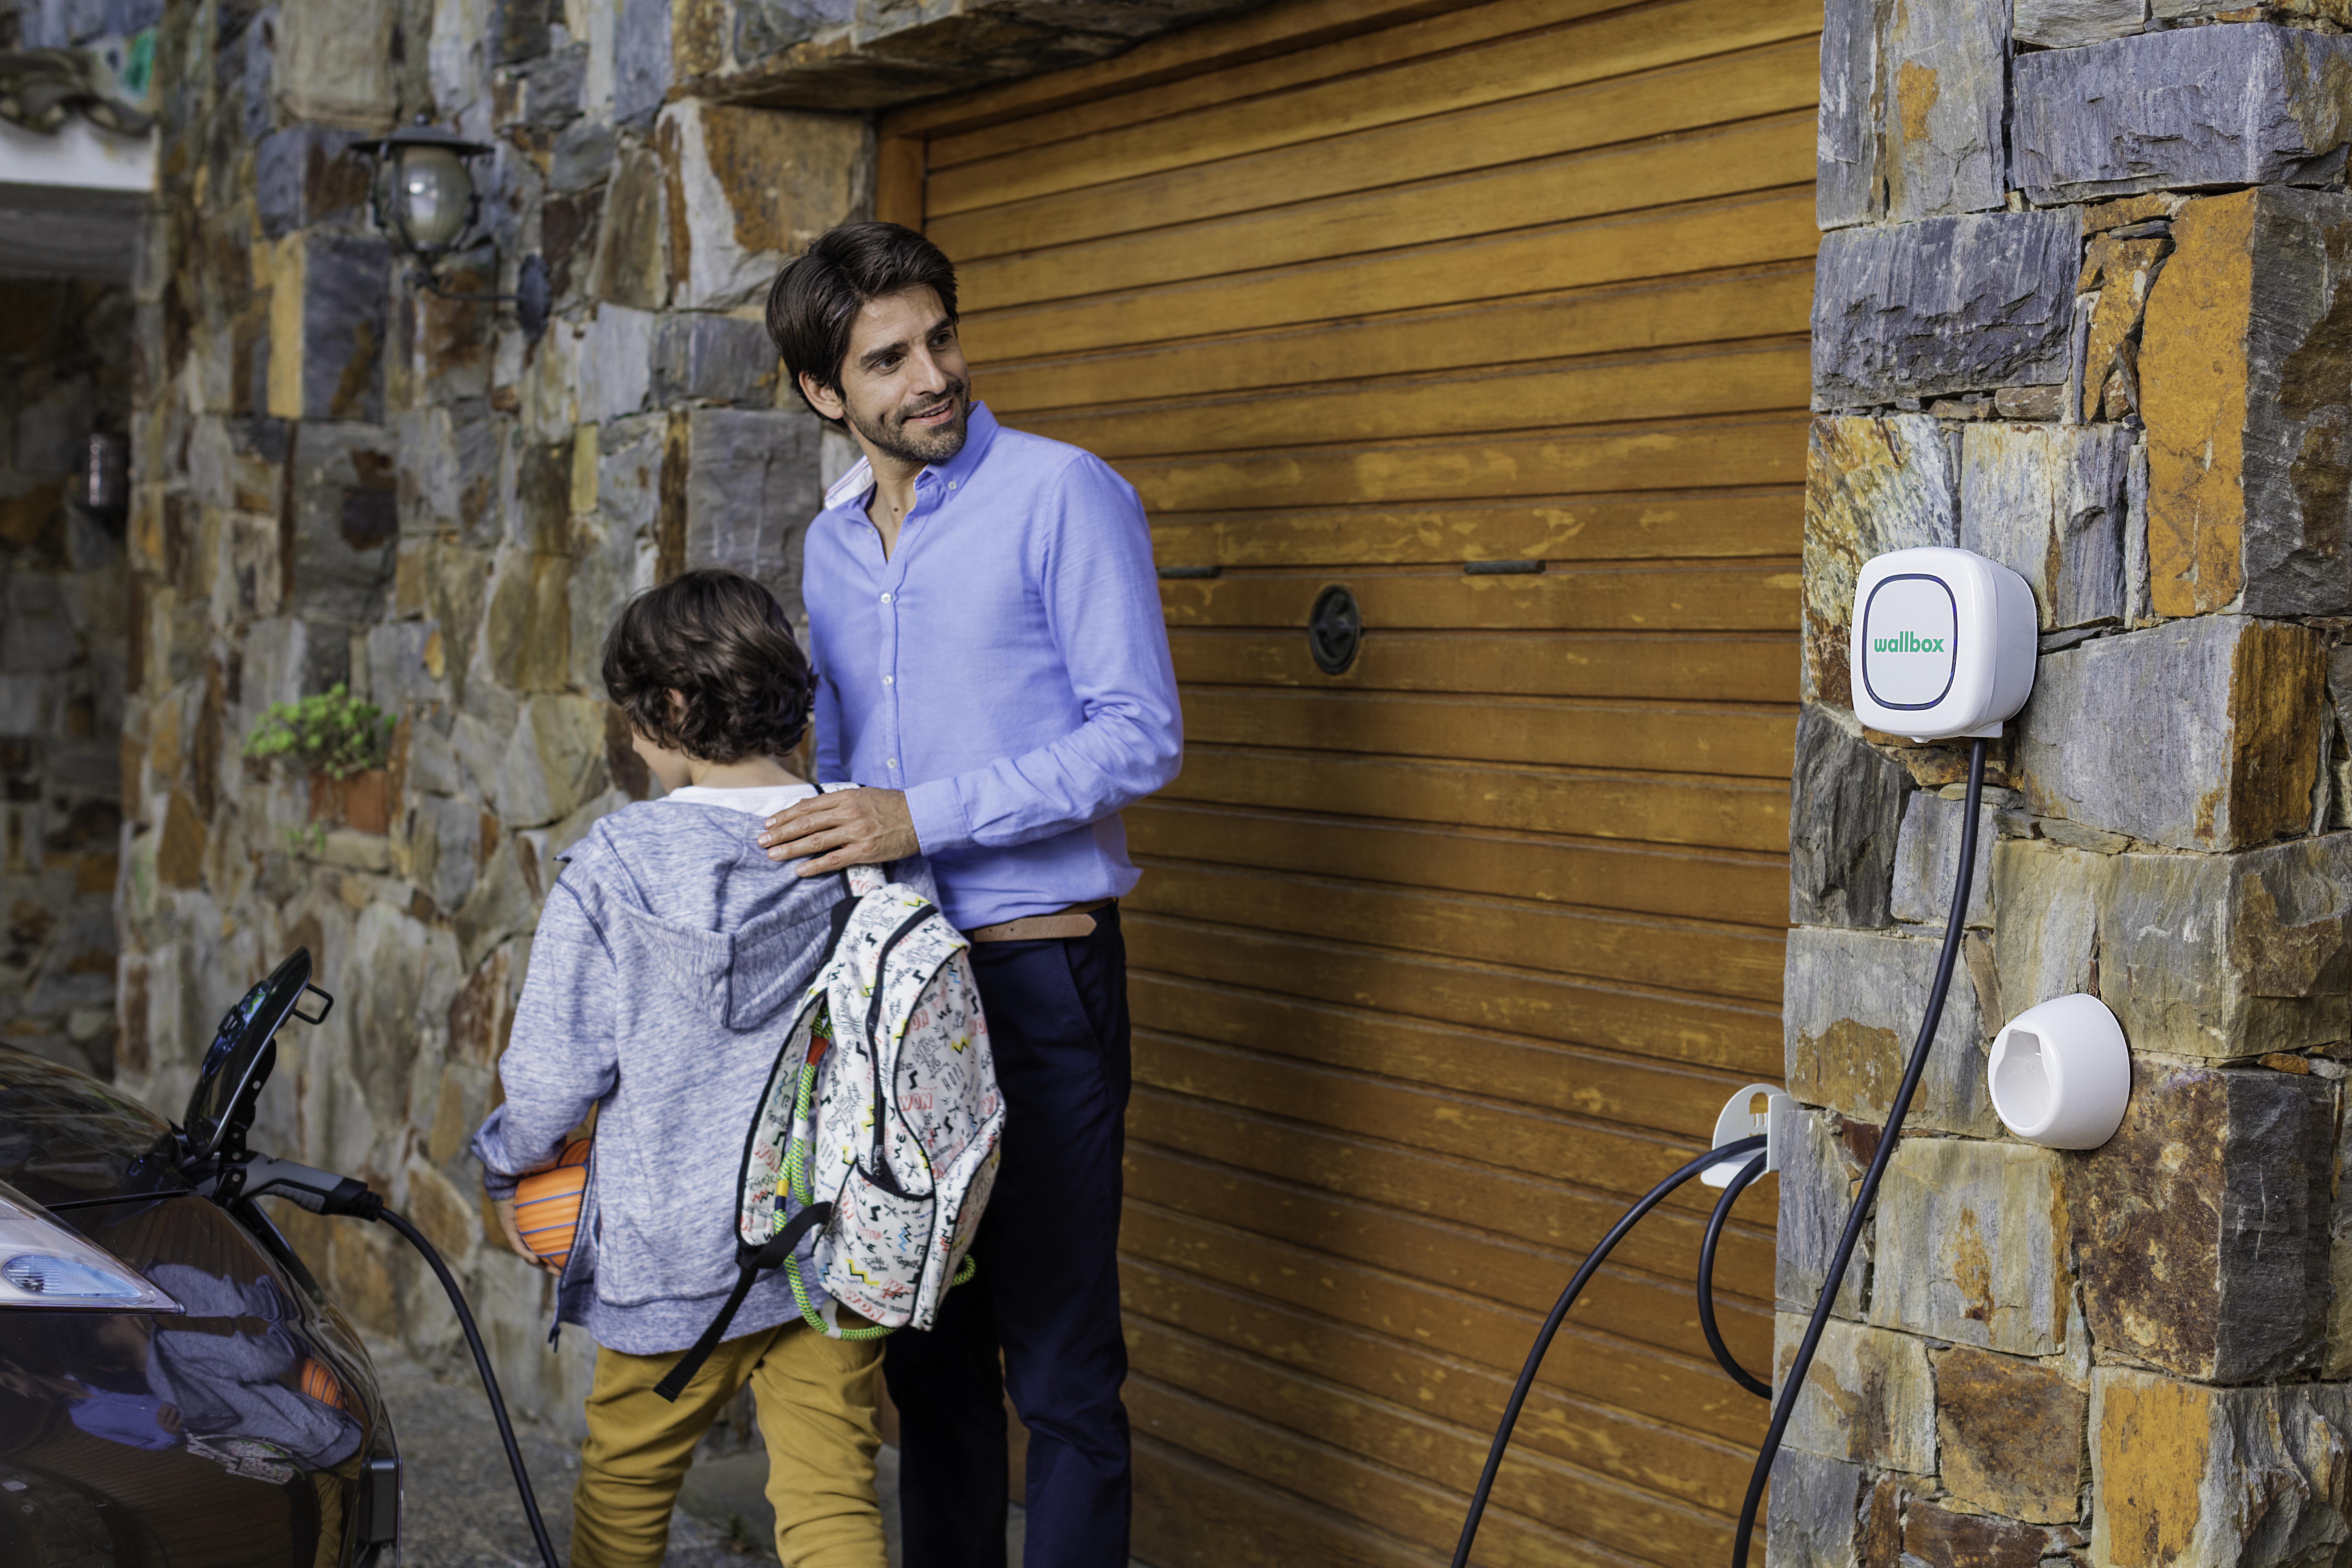 Elektroauto: Eine Wallbox in der Tiefgarage ist eine Herausforderung